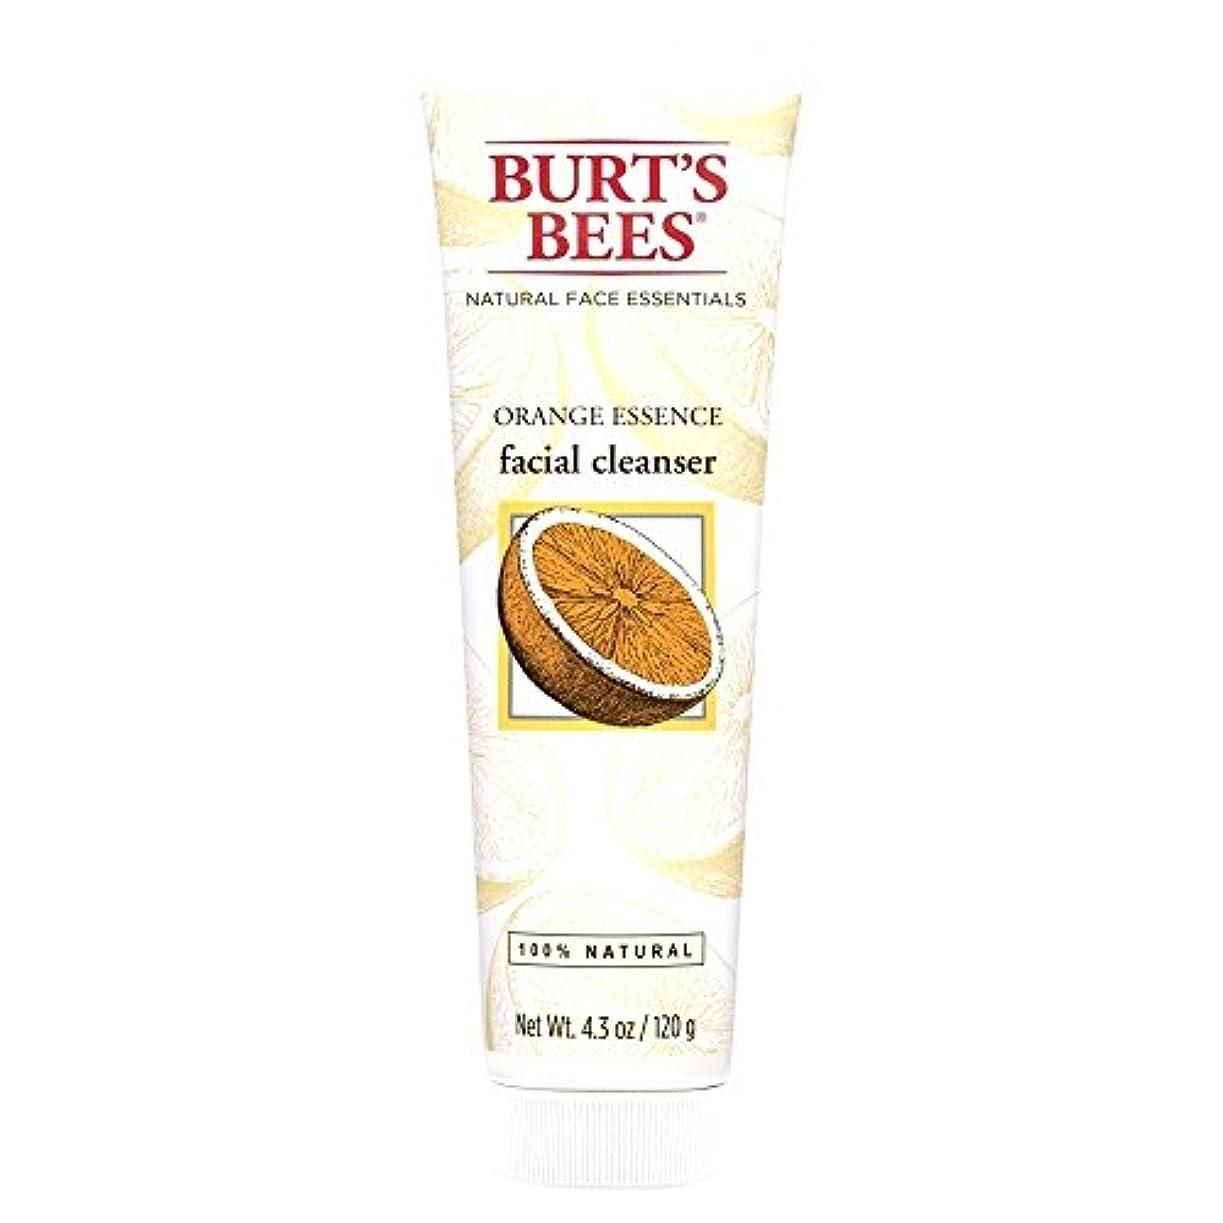 世界的に滝贈り物バーツビーオレンジエッセンス洗顔料、125グラム (Burt's Bees) (x6) - Burt's Bees Orange Essence Facial Cleanser, 125g (Pack of 6) [並行輸入品]